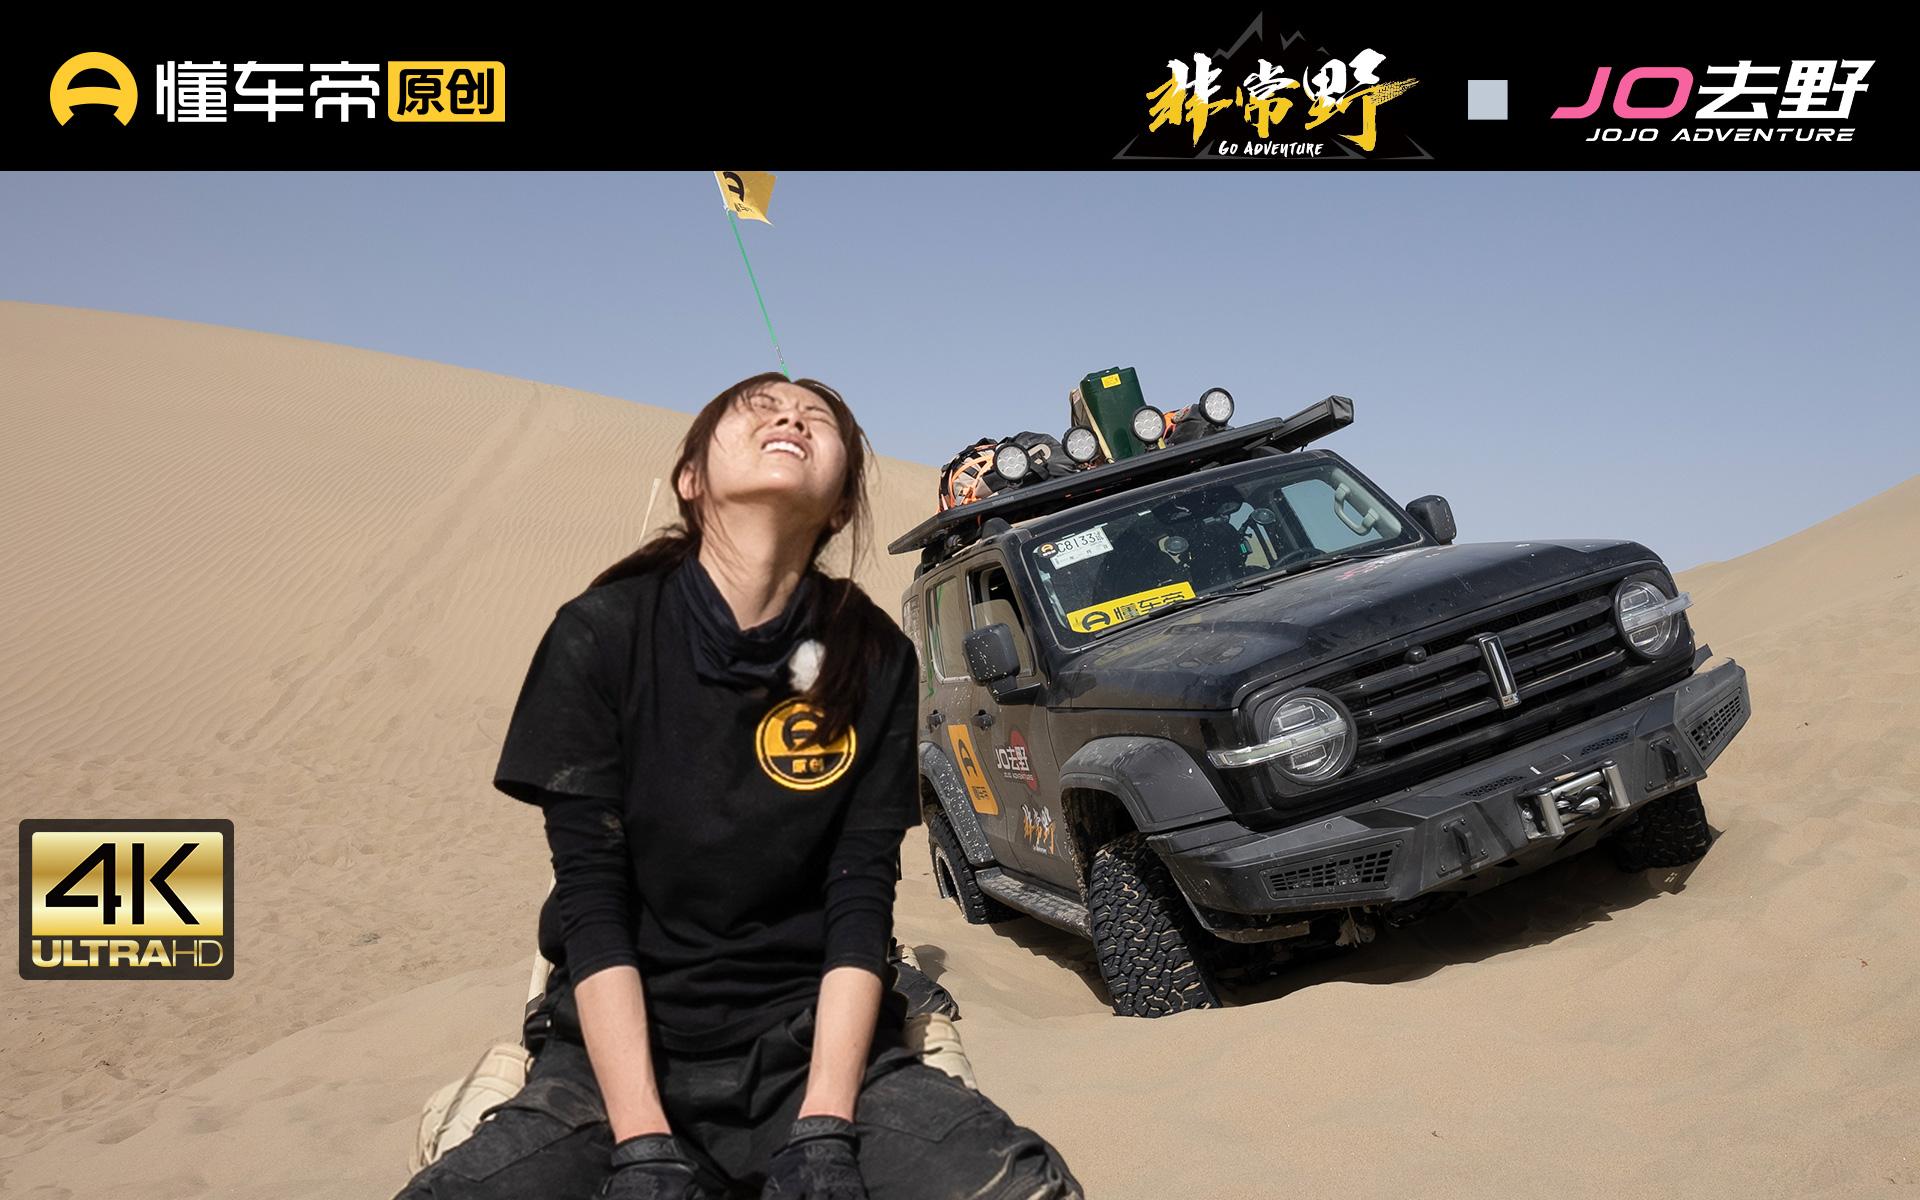 绝望中领略环塔精神,越野小白挑战沙漠穿越终极难度